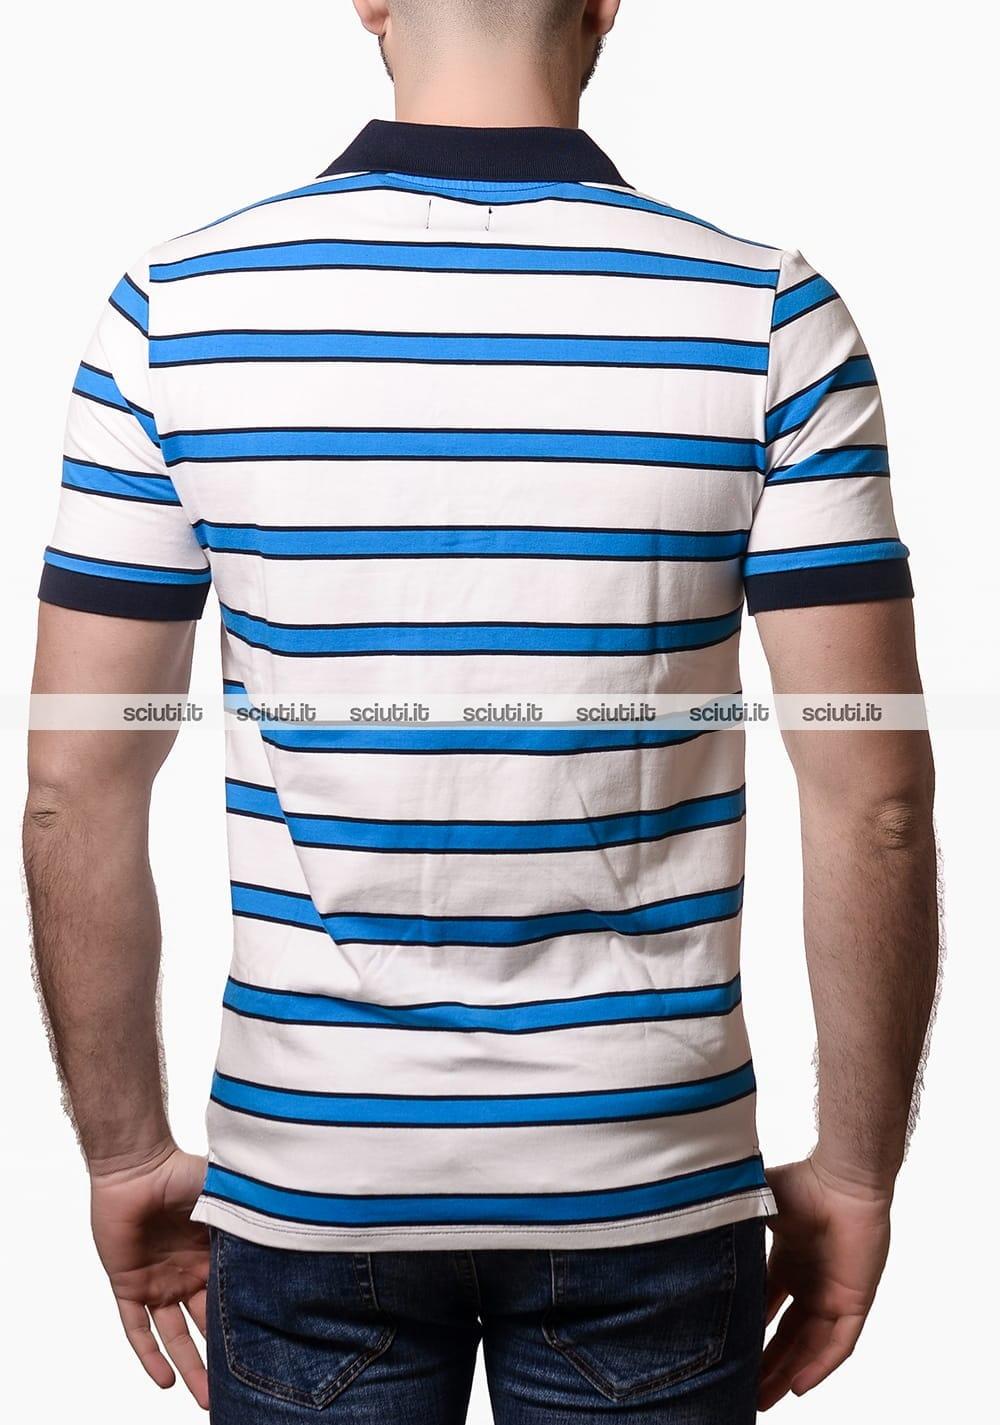 Polo Guess uomo a righe azzurro bianco | Sciuti.it